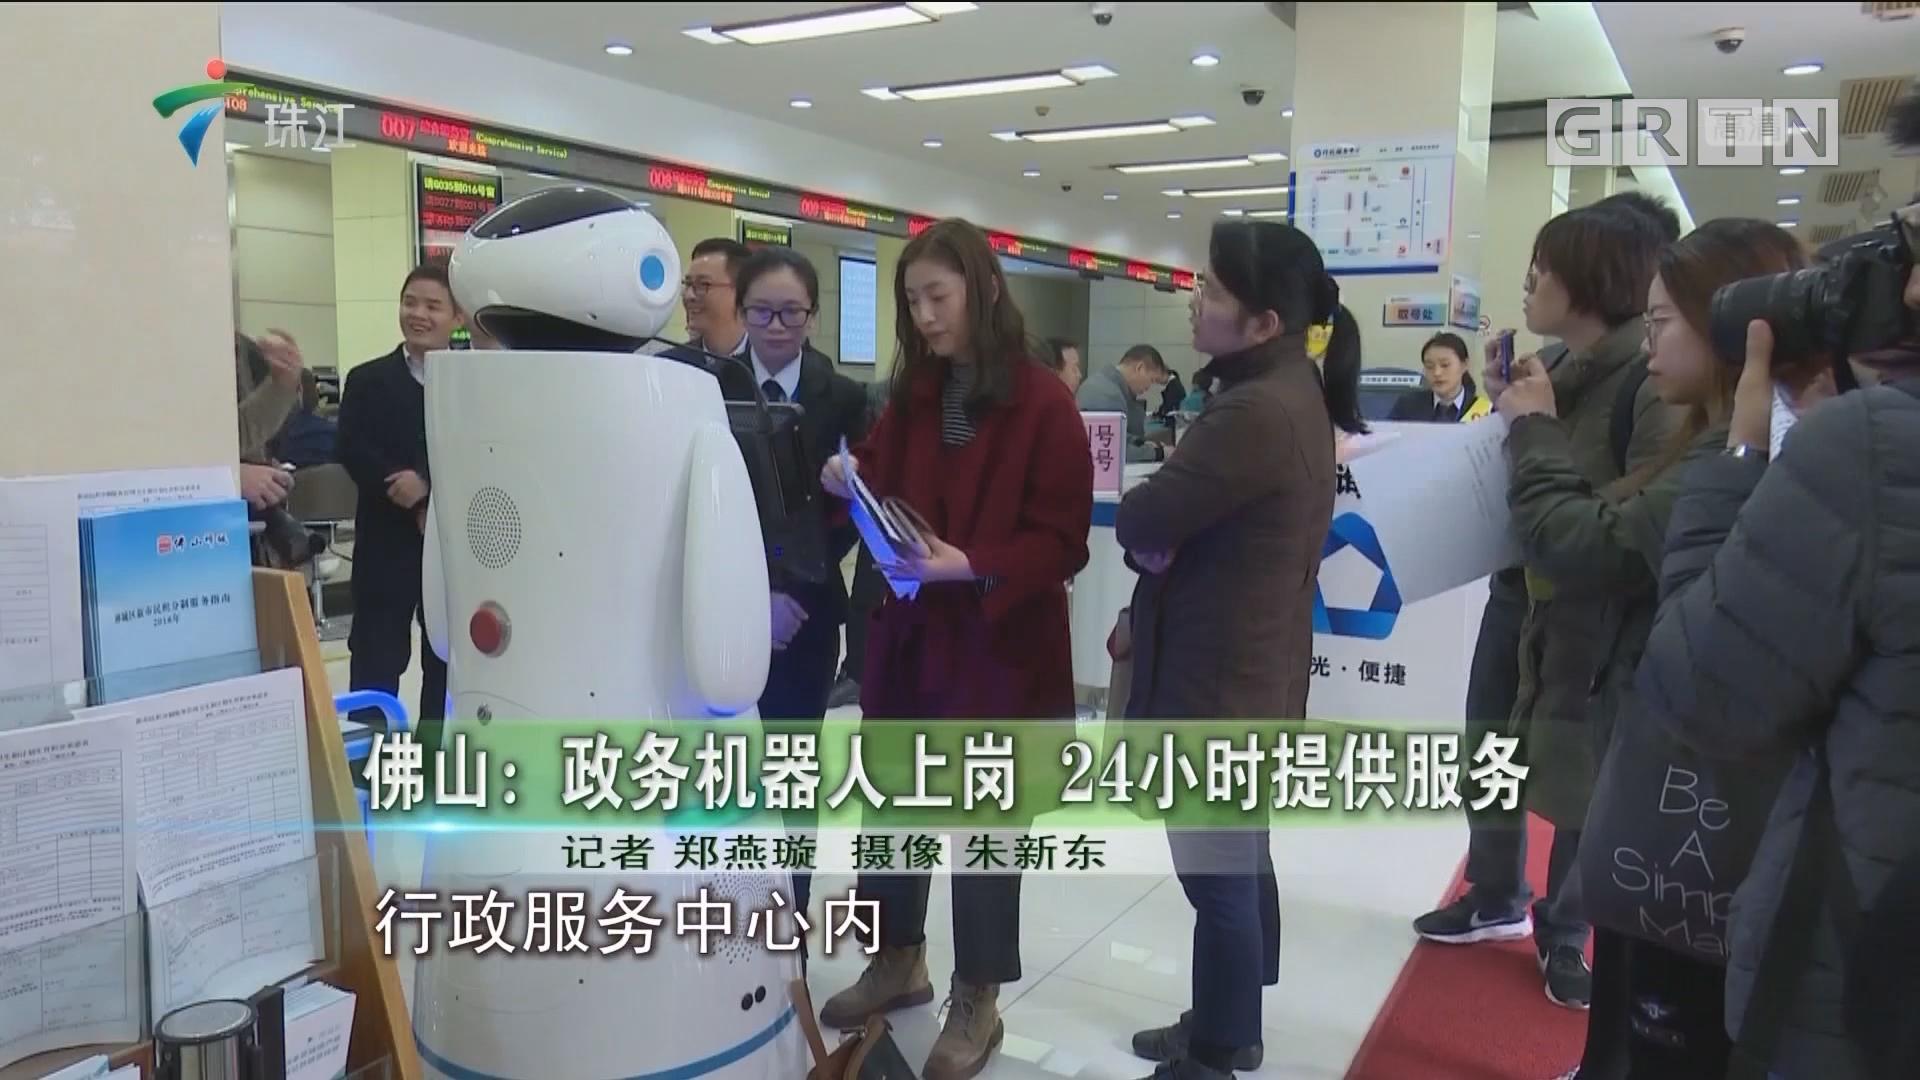 佛山:政务机器人上岗 24小时提供服务